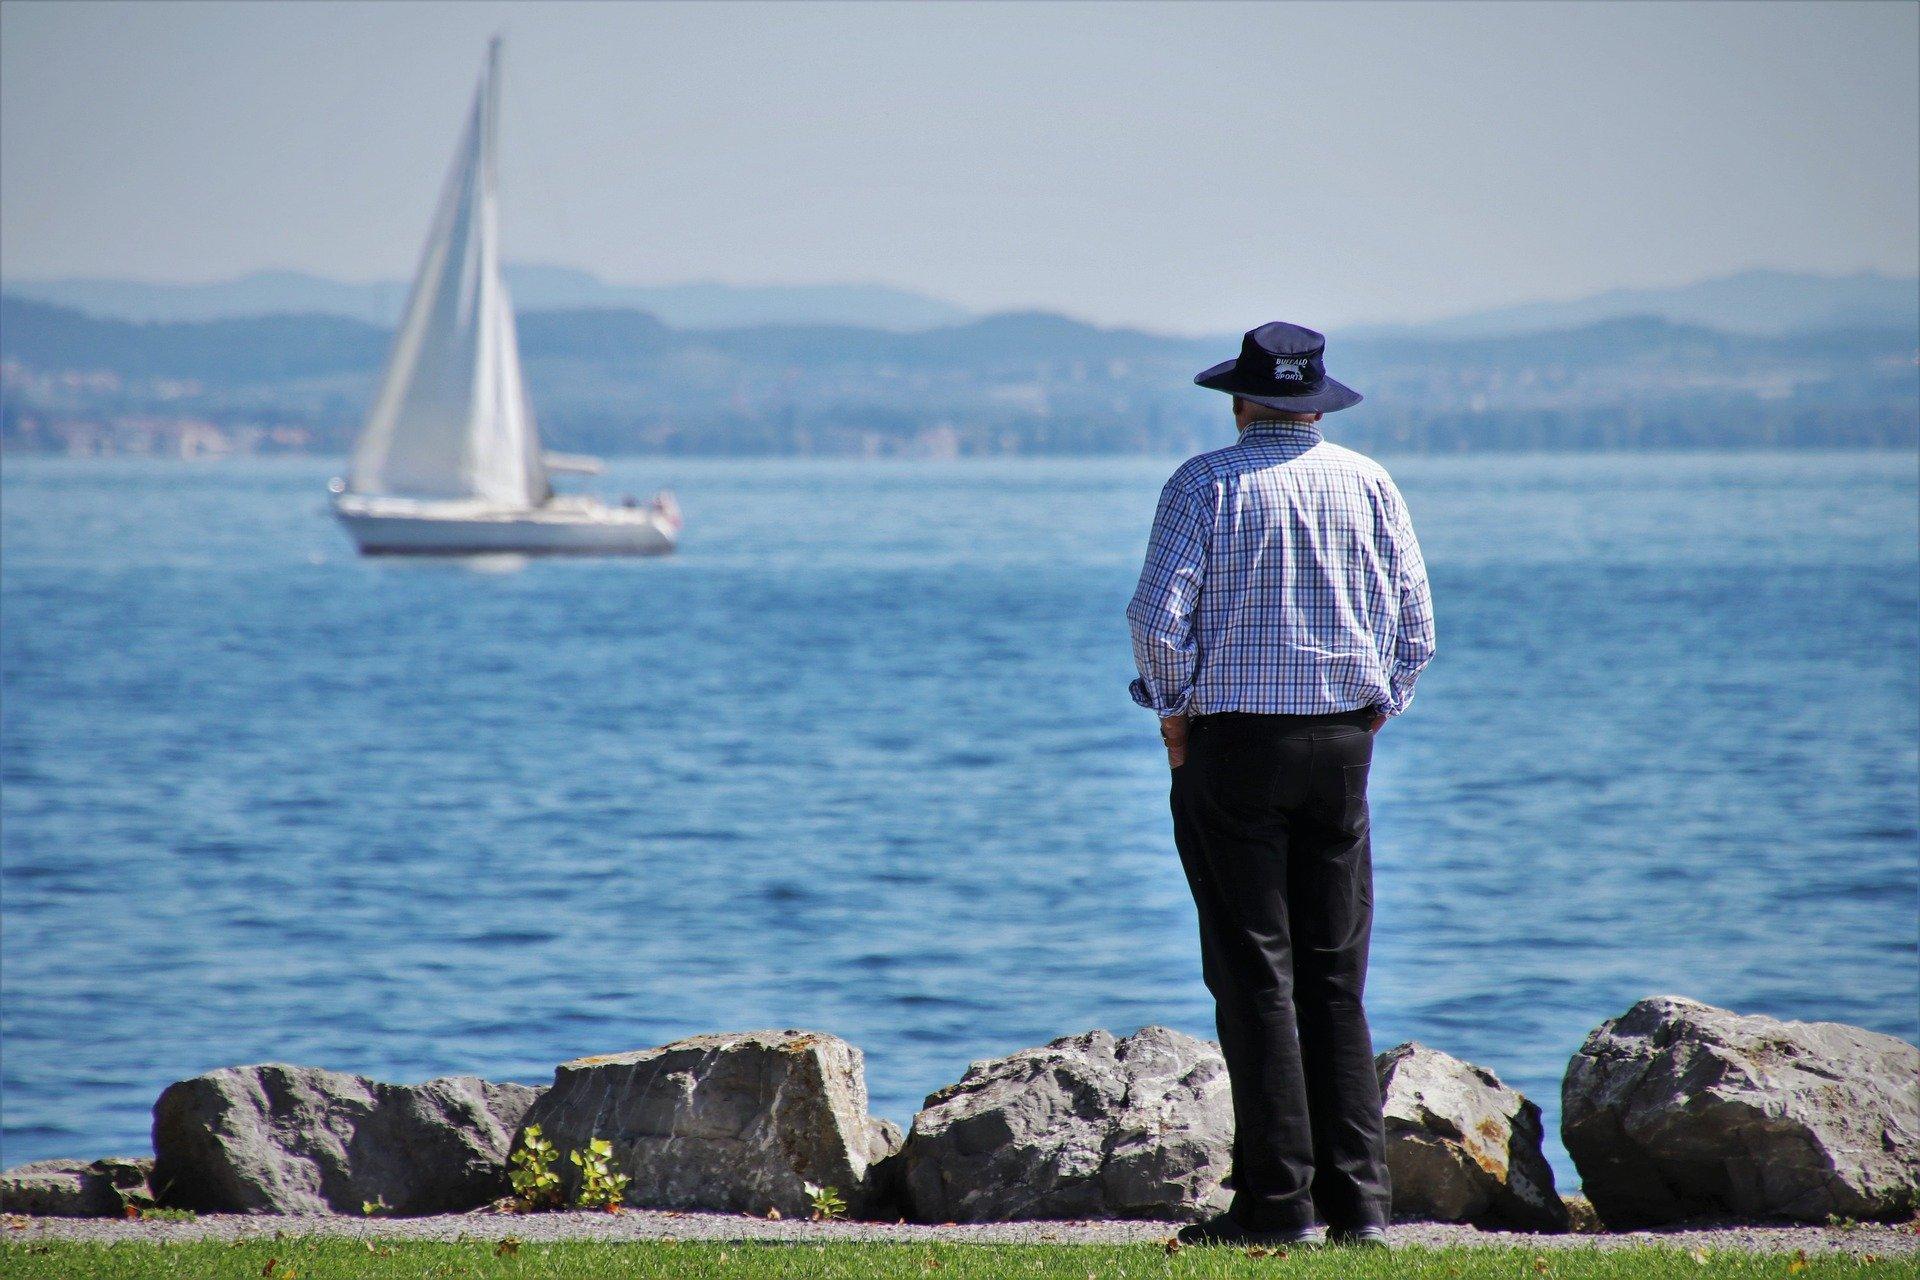 Sénior devant la mer